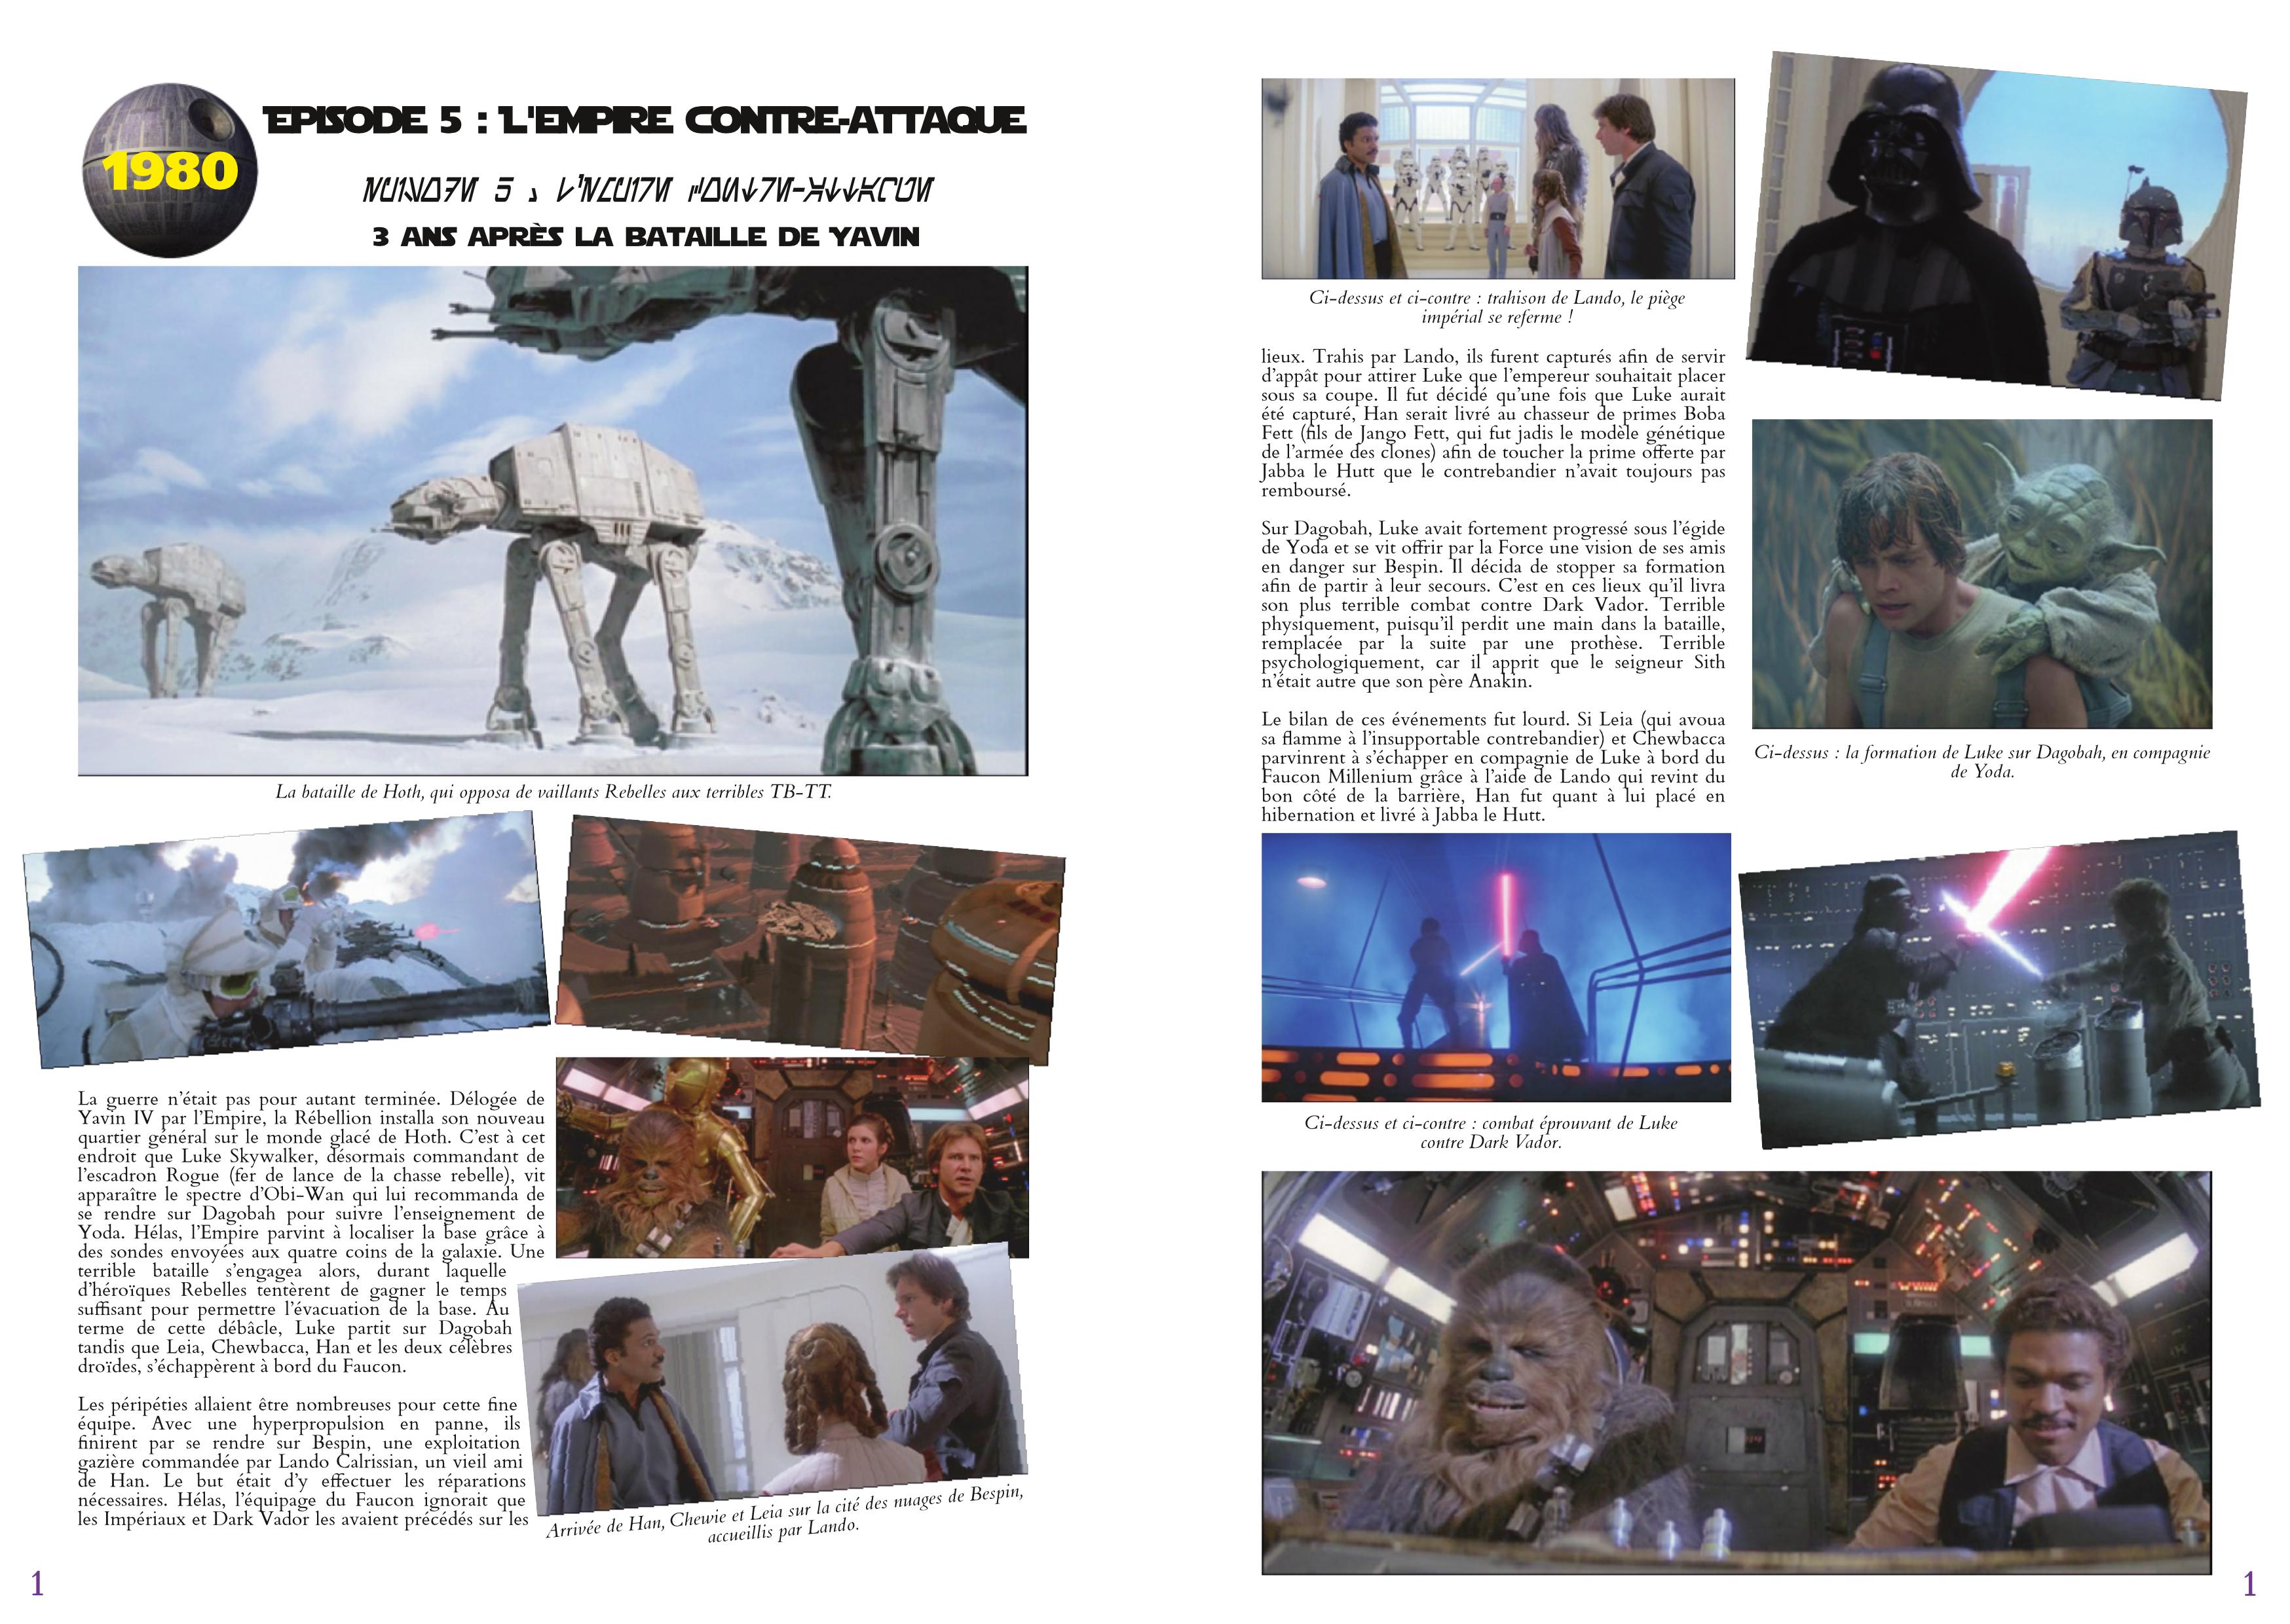 LucasArts les chroniques extrait Star Wars